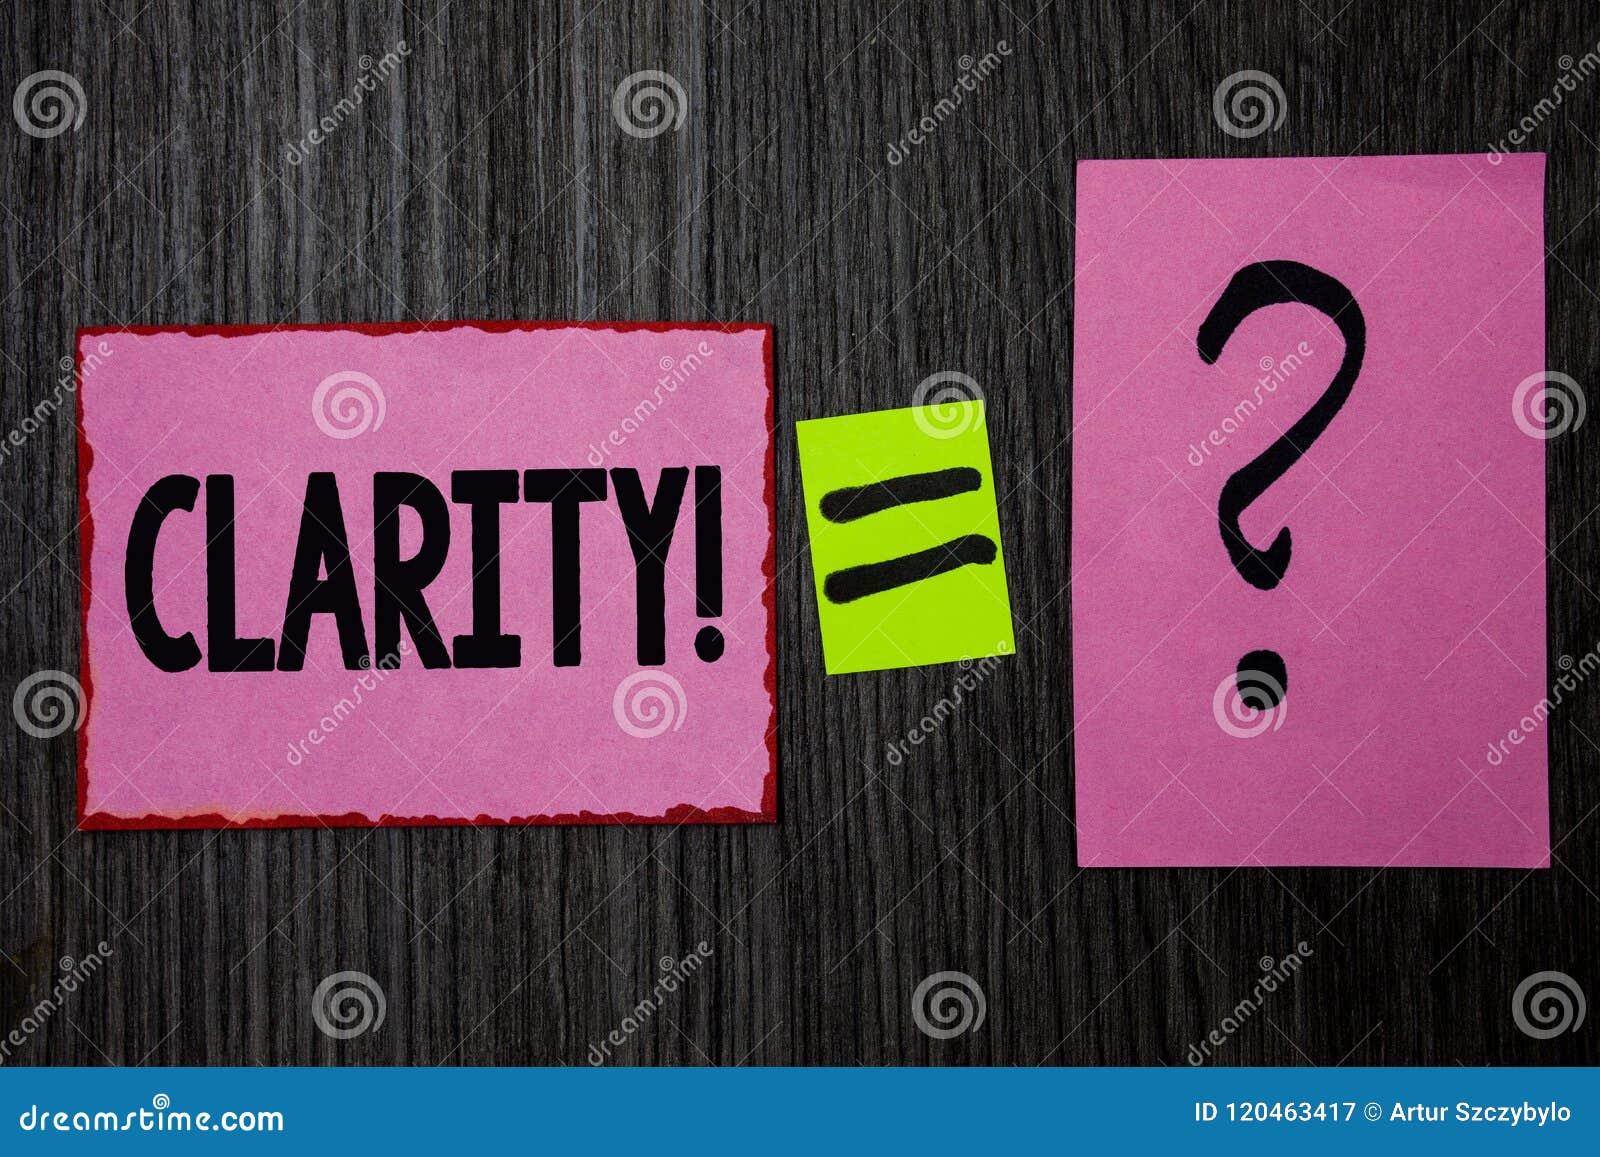 Σημείωση γραψίματος που παρουσιάζει σαφήνεια Ακρίβεια ρόδινο ν διαφάνειας δυνατότητας κατανόησης αγνότητας ακρίβειας βεβαιότητας